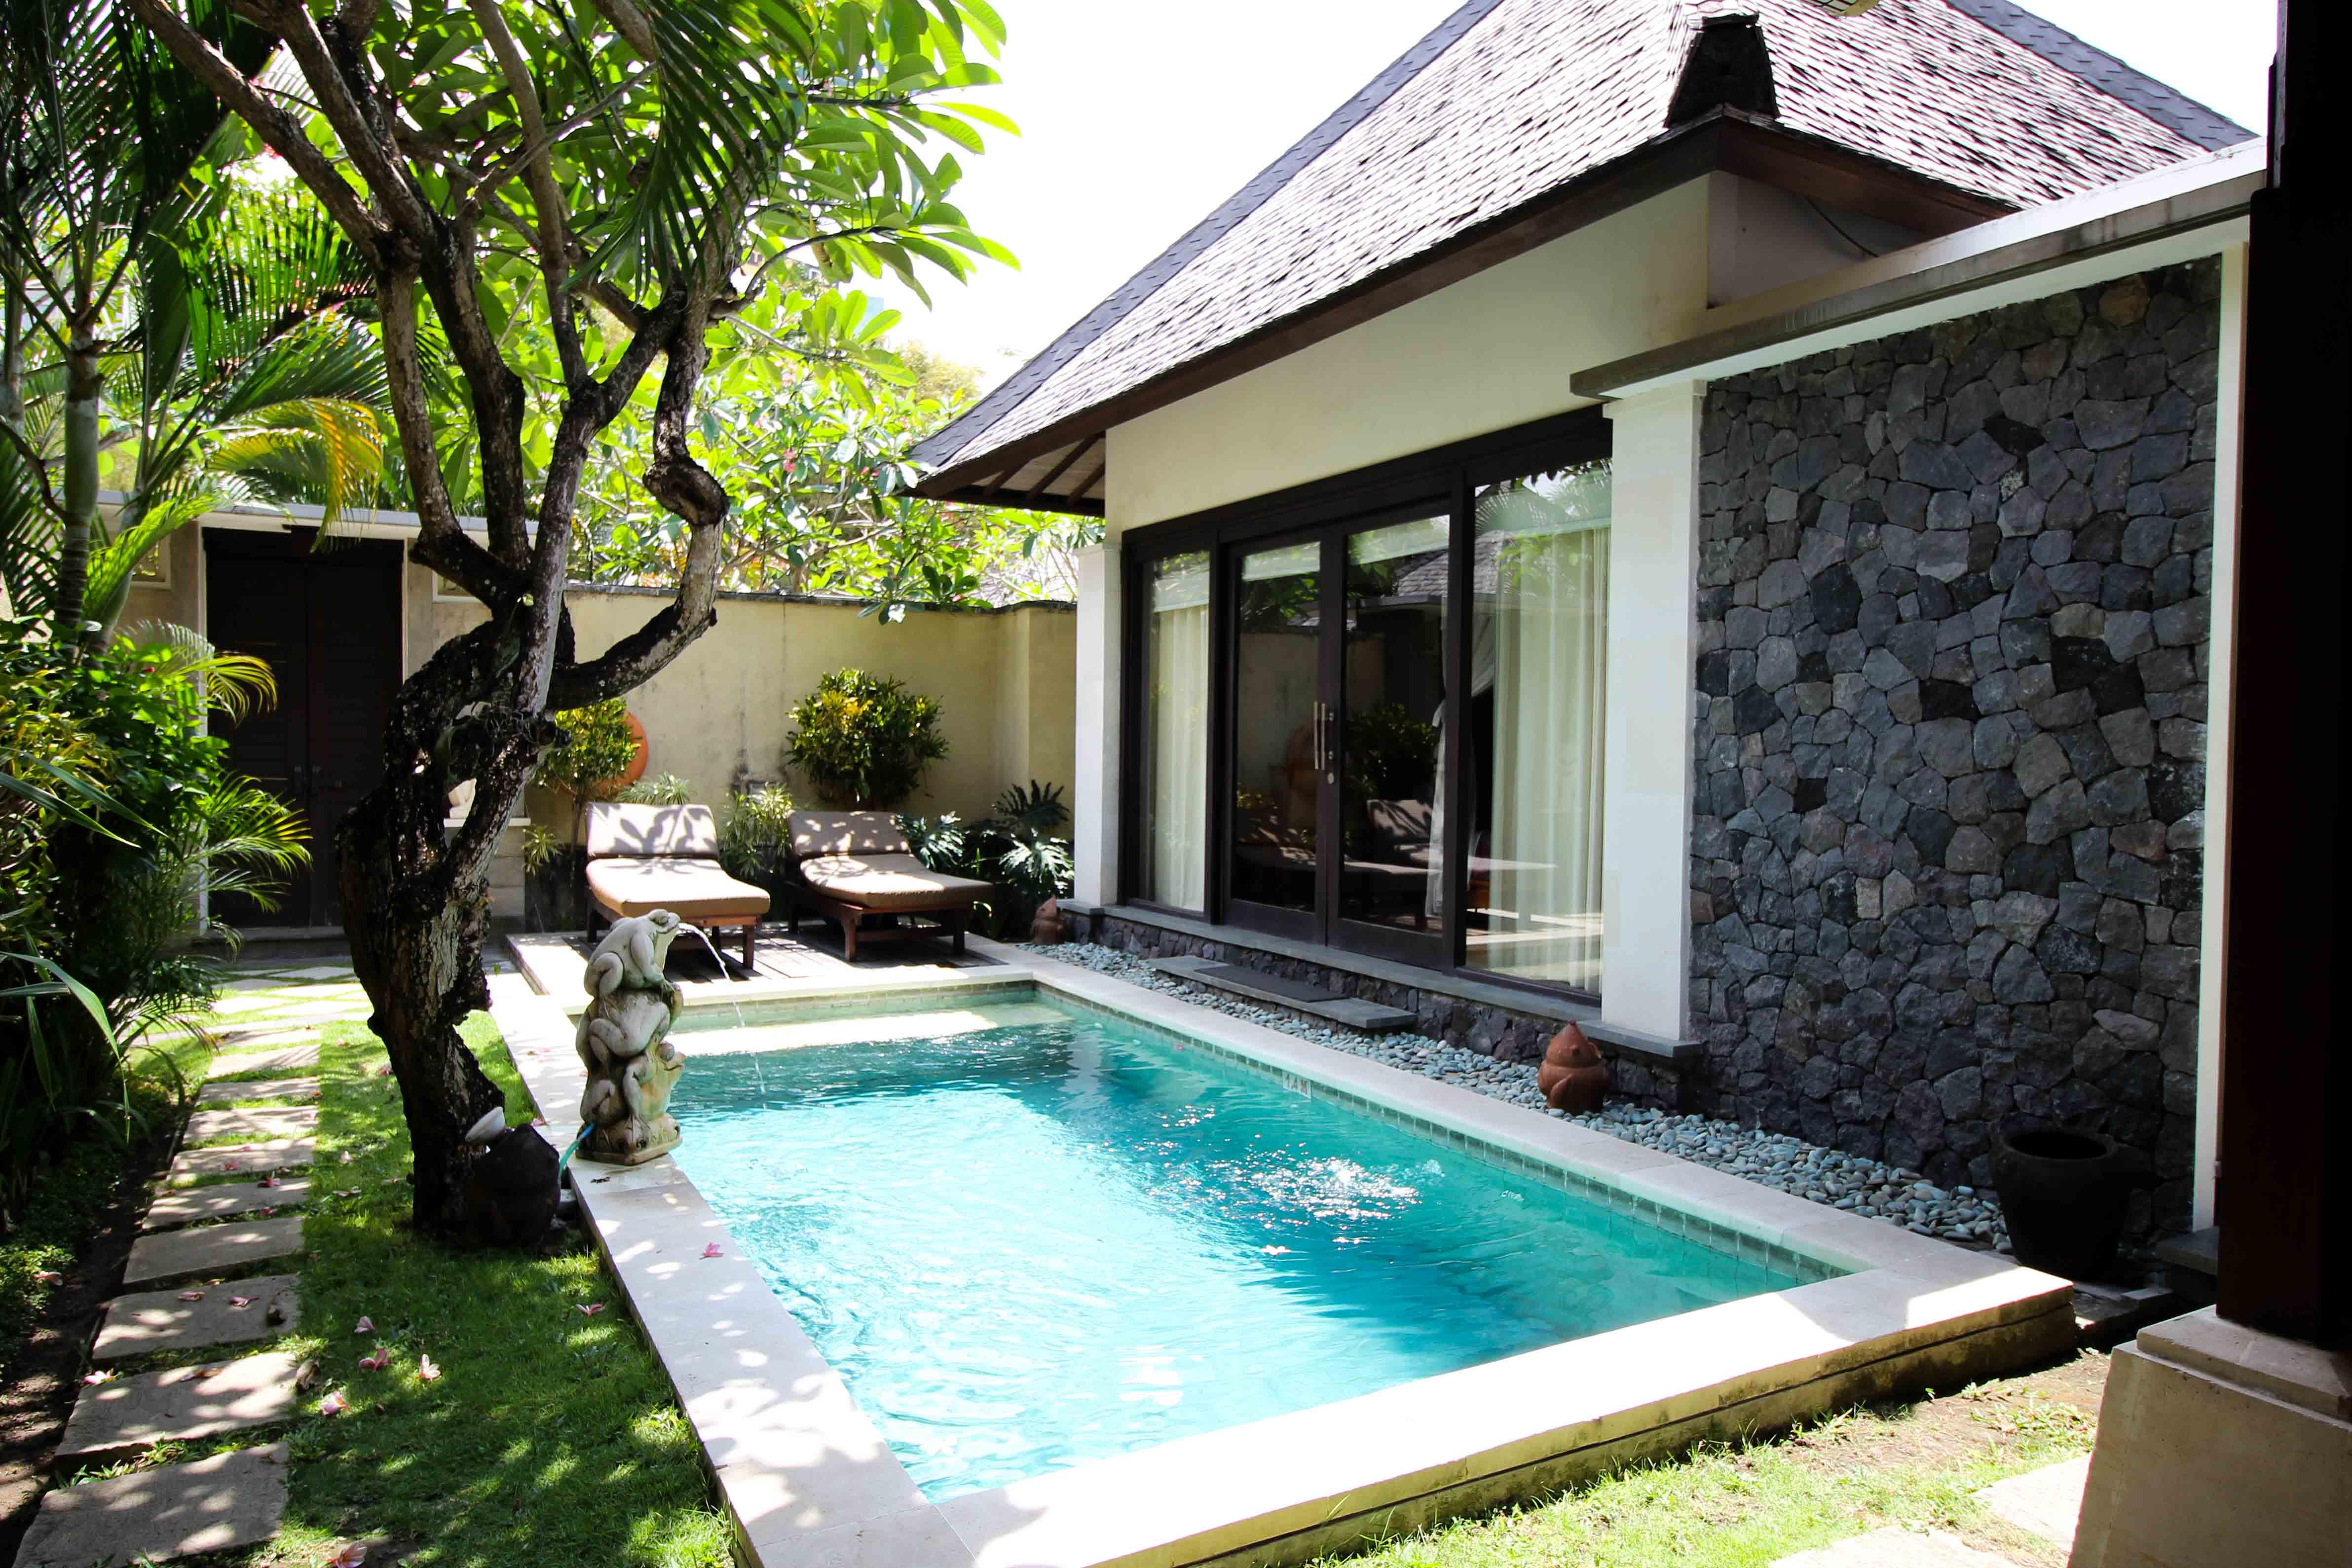 The Sanyas Suite Seminyak Bali private Pool Villa Bali Reiseblog Poolvilla 2